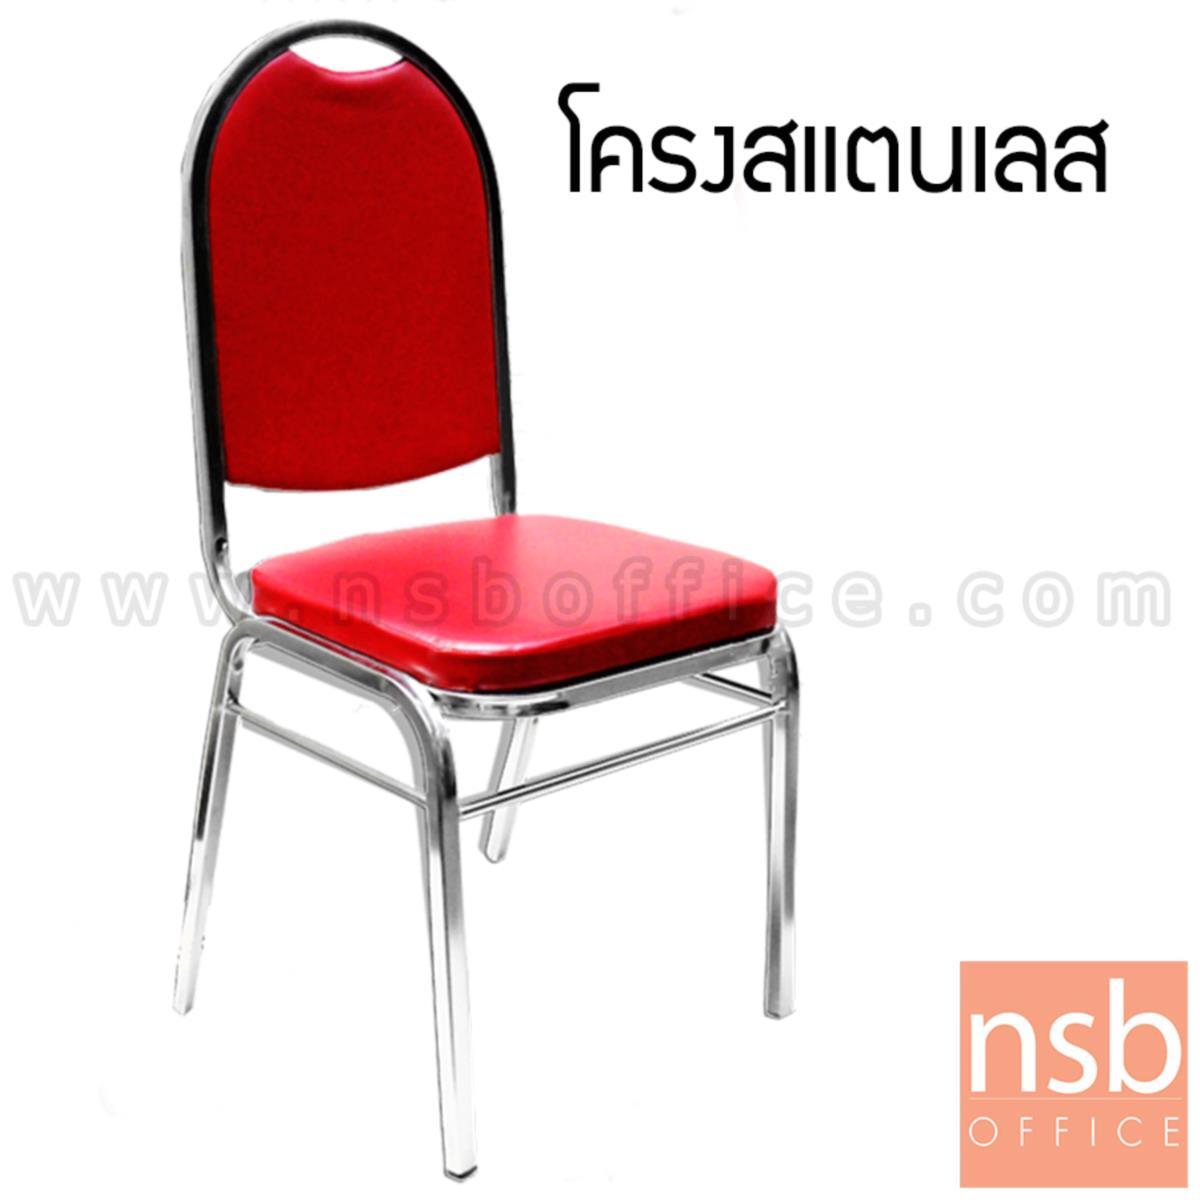 G12A219:เก้าอี้อเนกประสงค์จัดเลี้ยง รุ่น KJ-381   ขาสเตนเลส